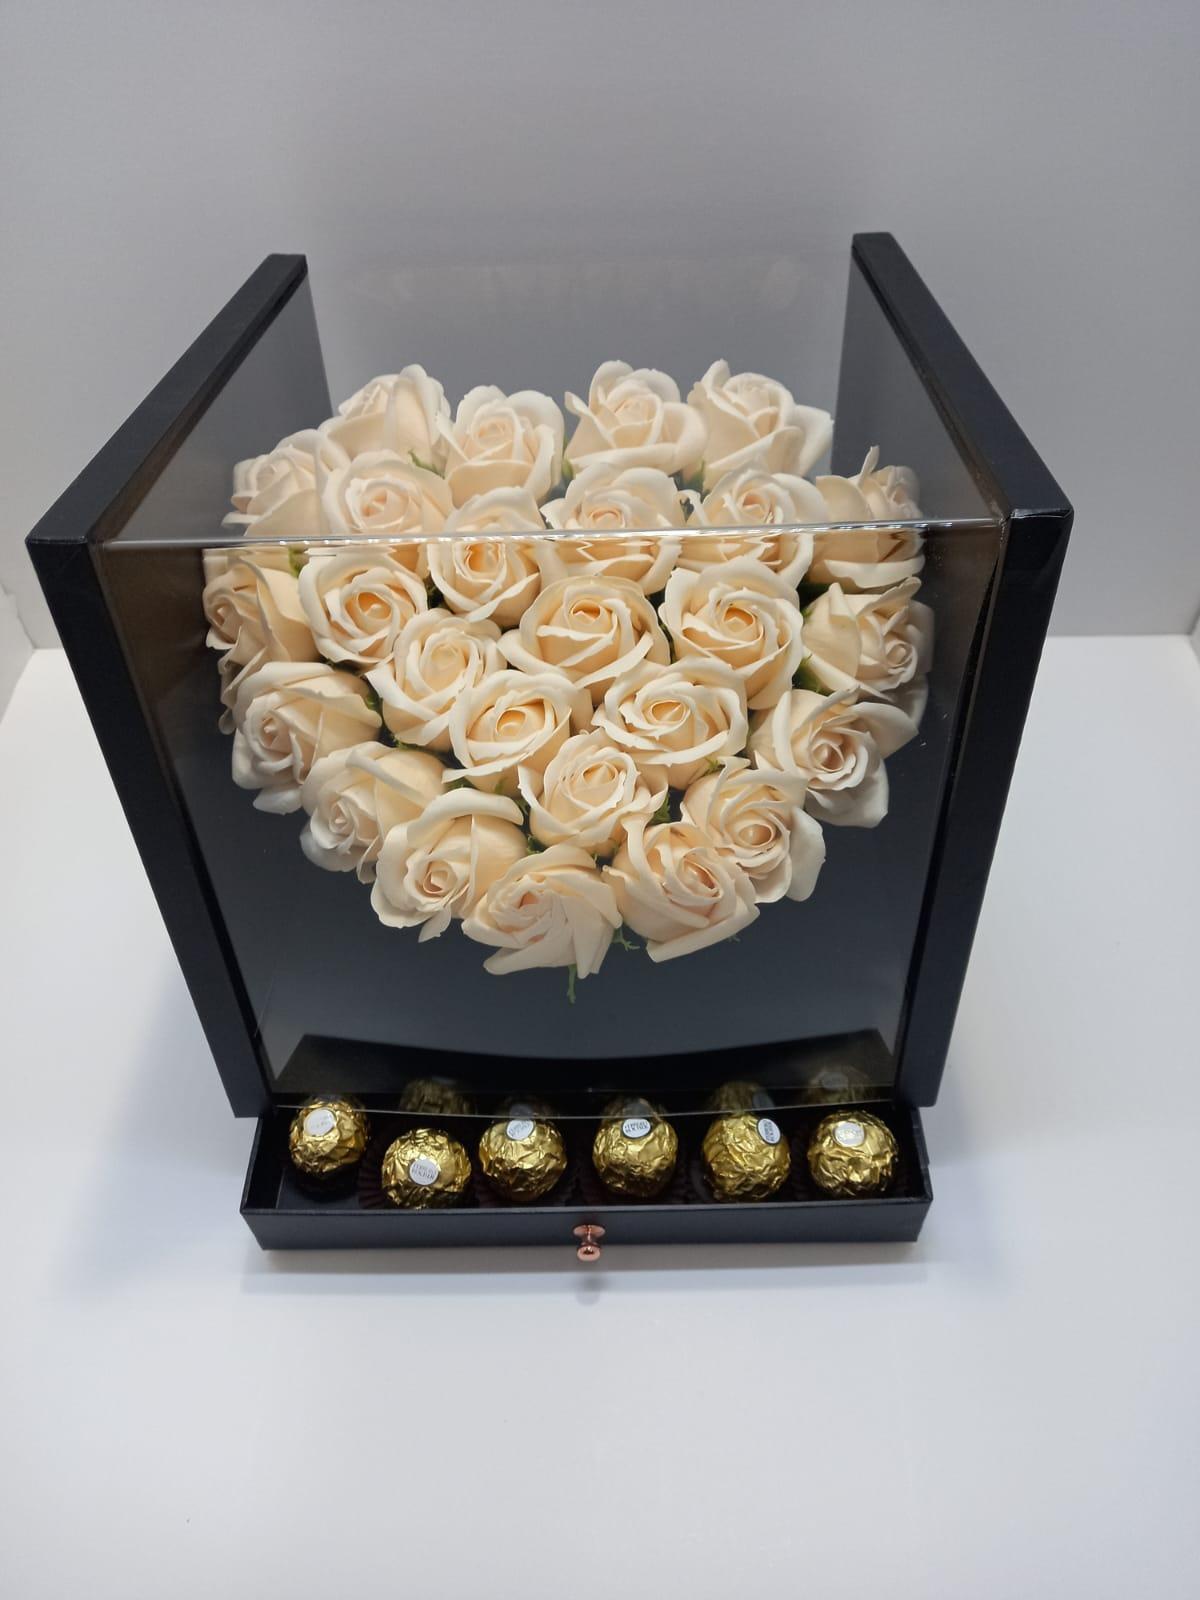 סידור ורדים בקופסא מהודרת